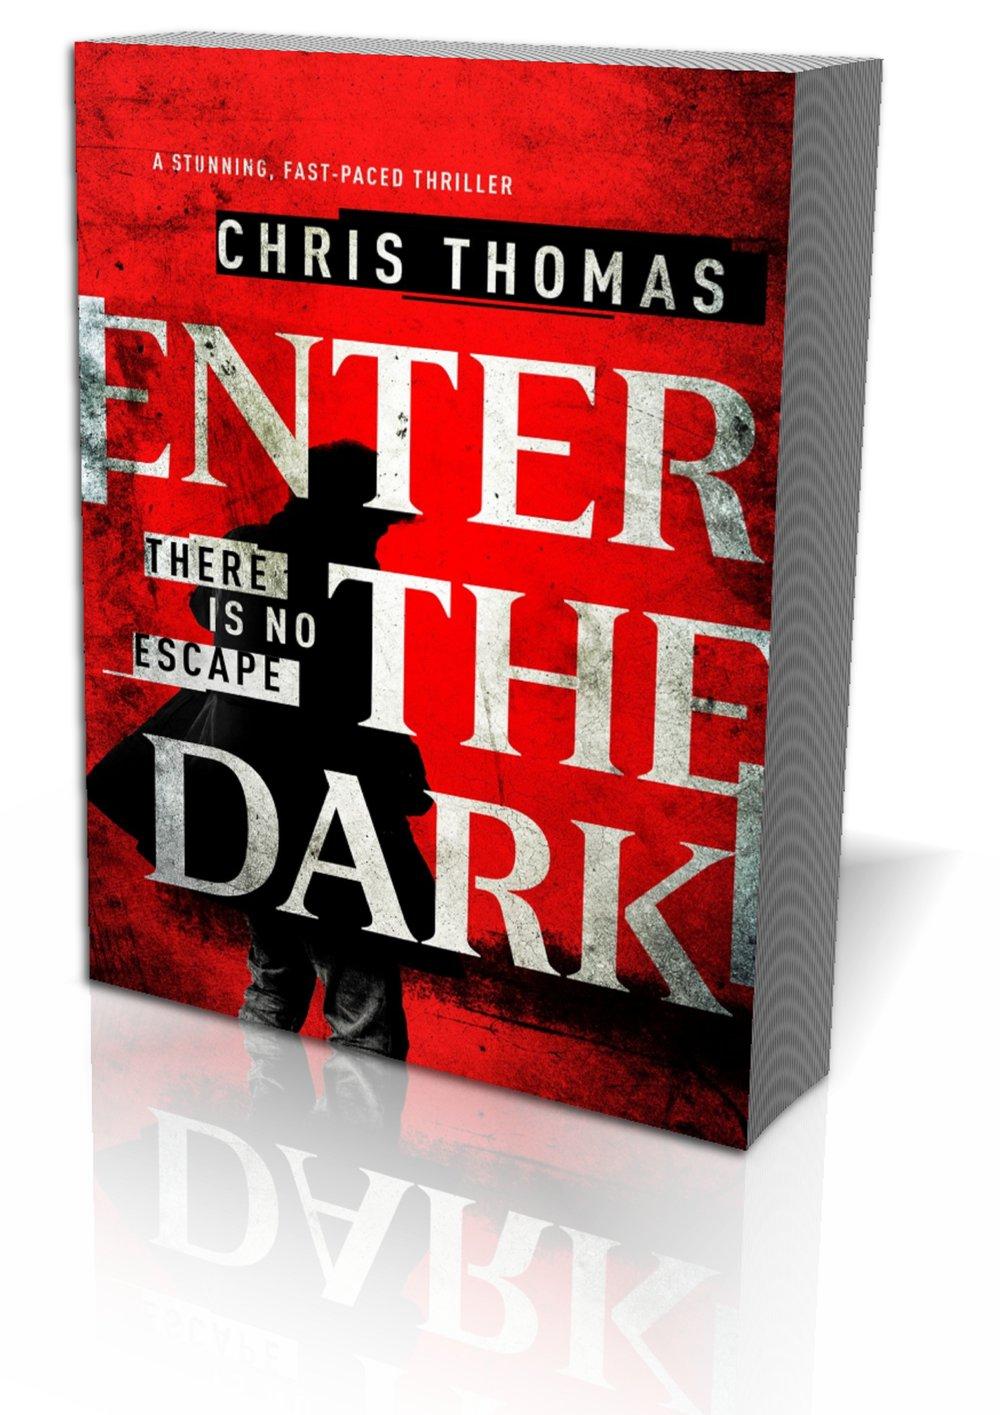 EnterTheDark.jpg